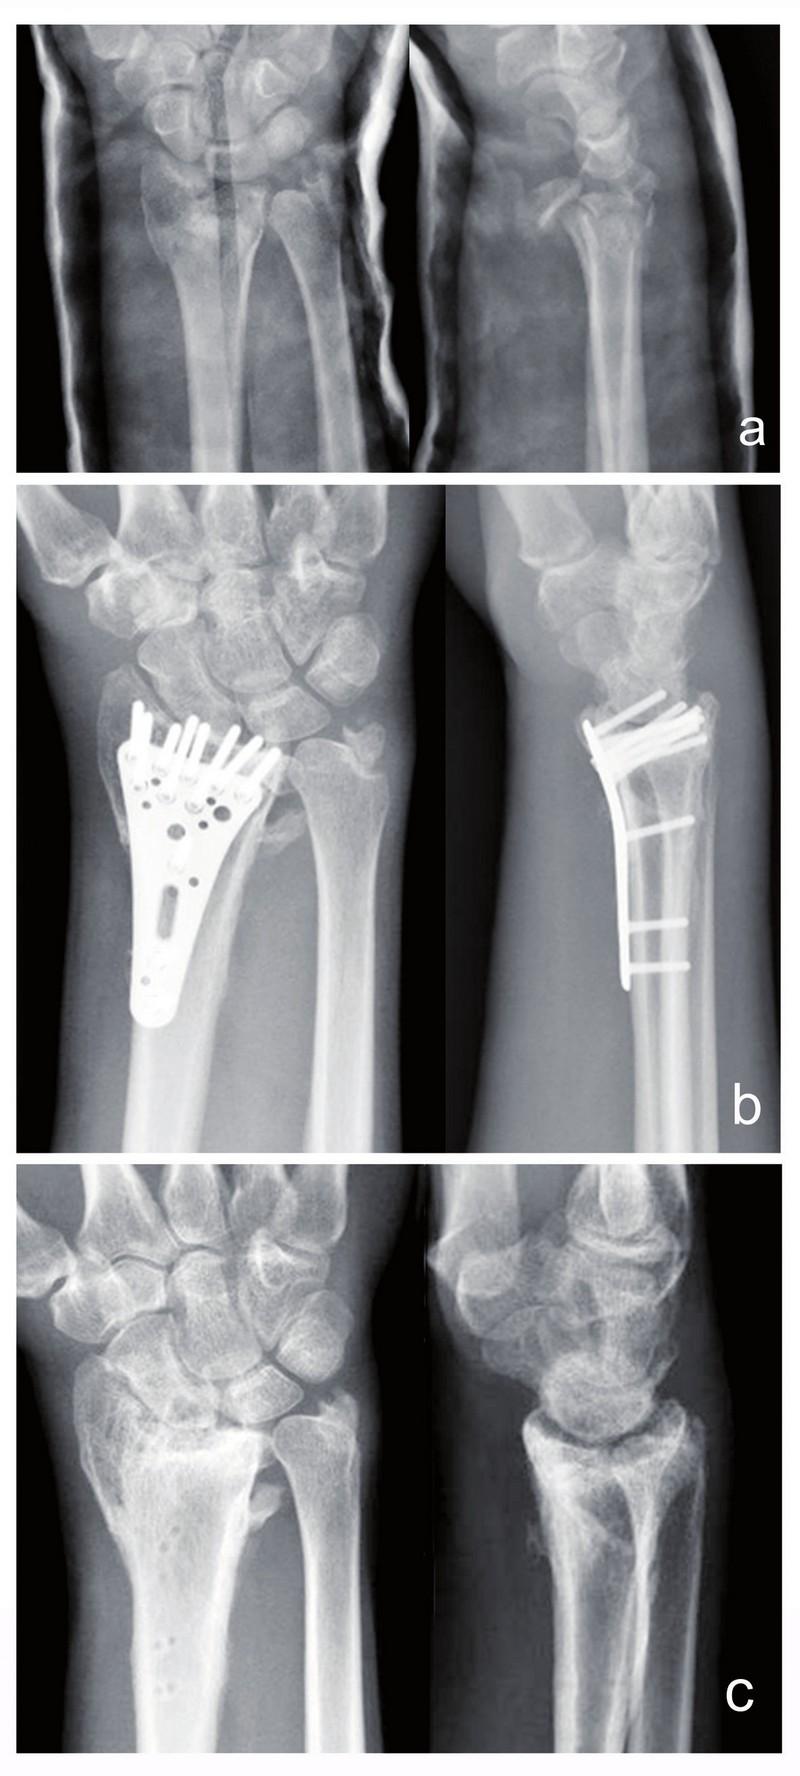 Sekundární dislokace kostních fragmentů značně tříštivé nitrokloubní zlomeniny distálního radia v průběhu hojení: a) zlomenina typu C3 v sádrové fi xaci b) zlomenina stabilizovaná úhlově volitelnou zamykatelnou dlahou s uspokojivým pooperačním postavením kostních fragmentů dle kritérií Jupitera c) stav po extrakci osteosyntetického materiálu s depresí kloubní polchy a artrotickými změnami radiokarpálního kloubu